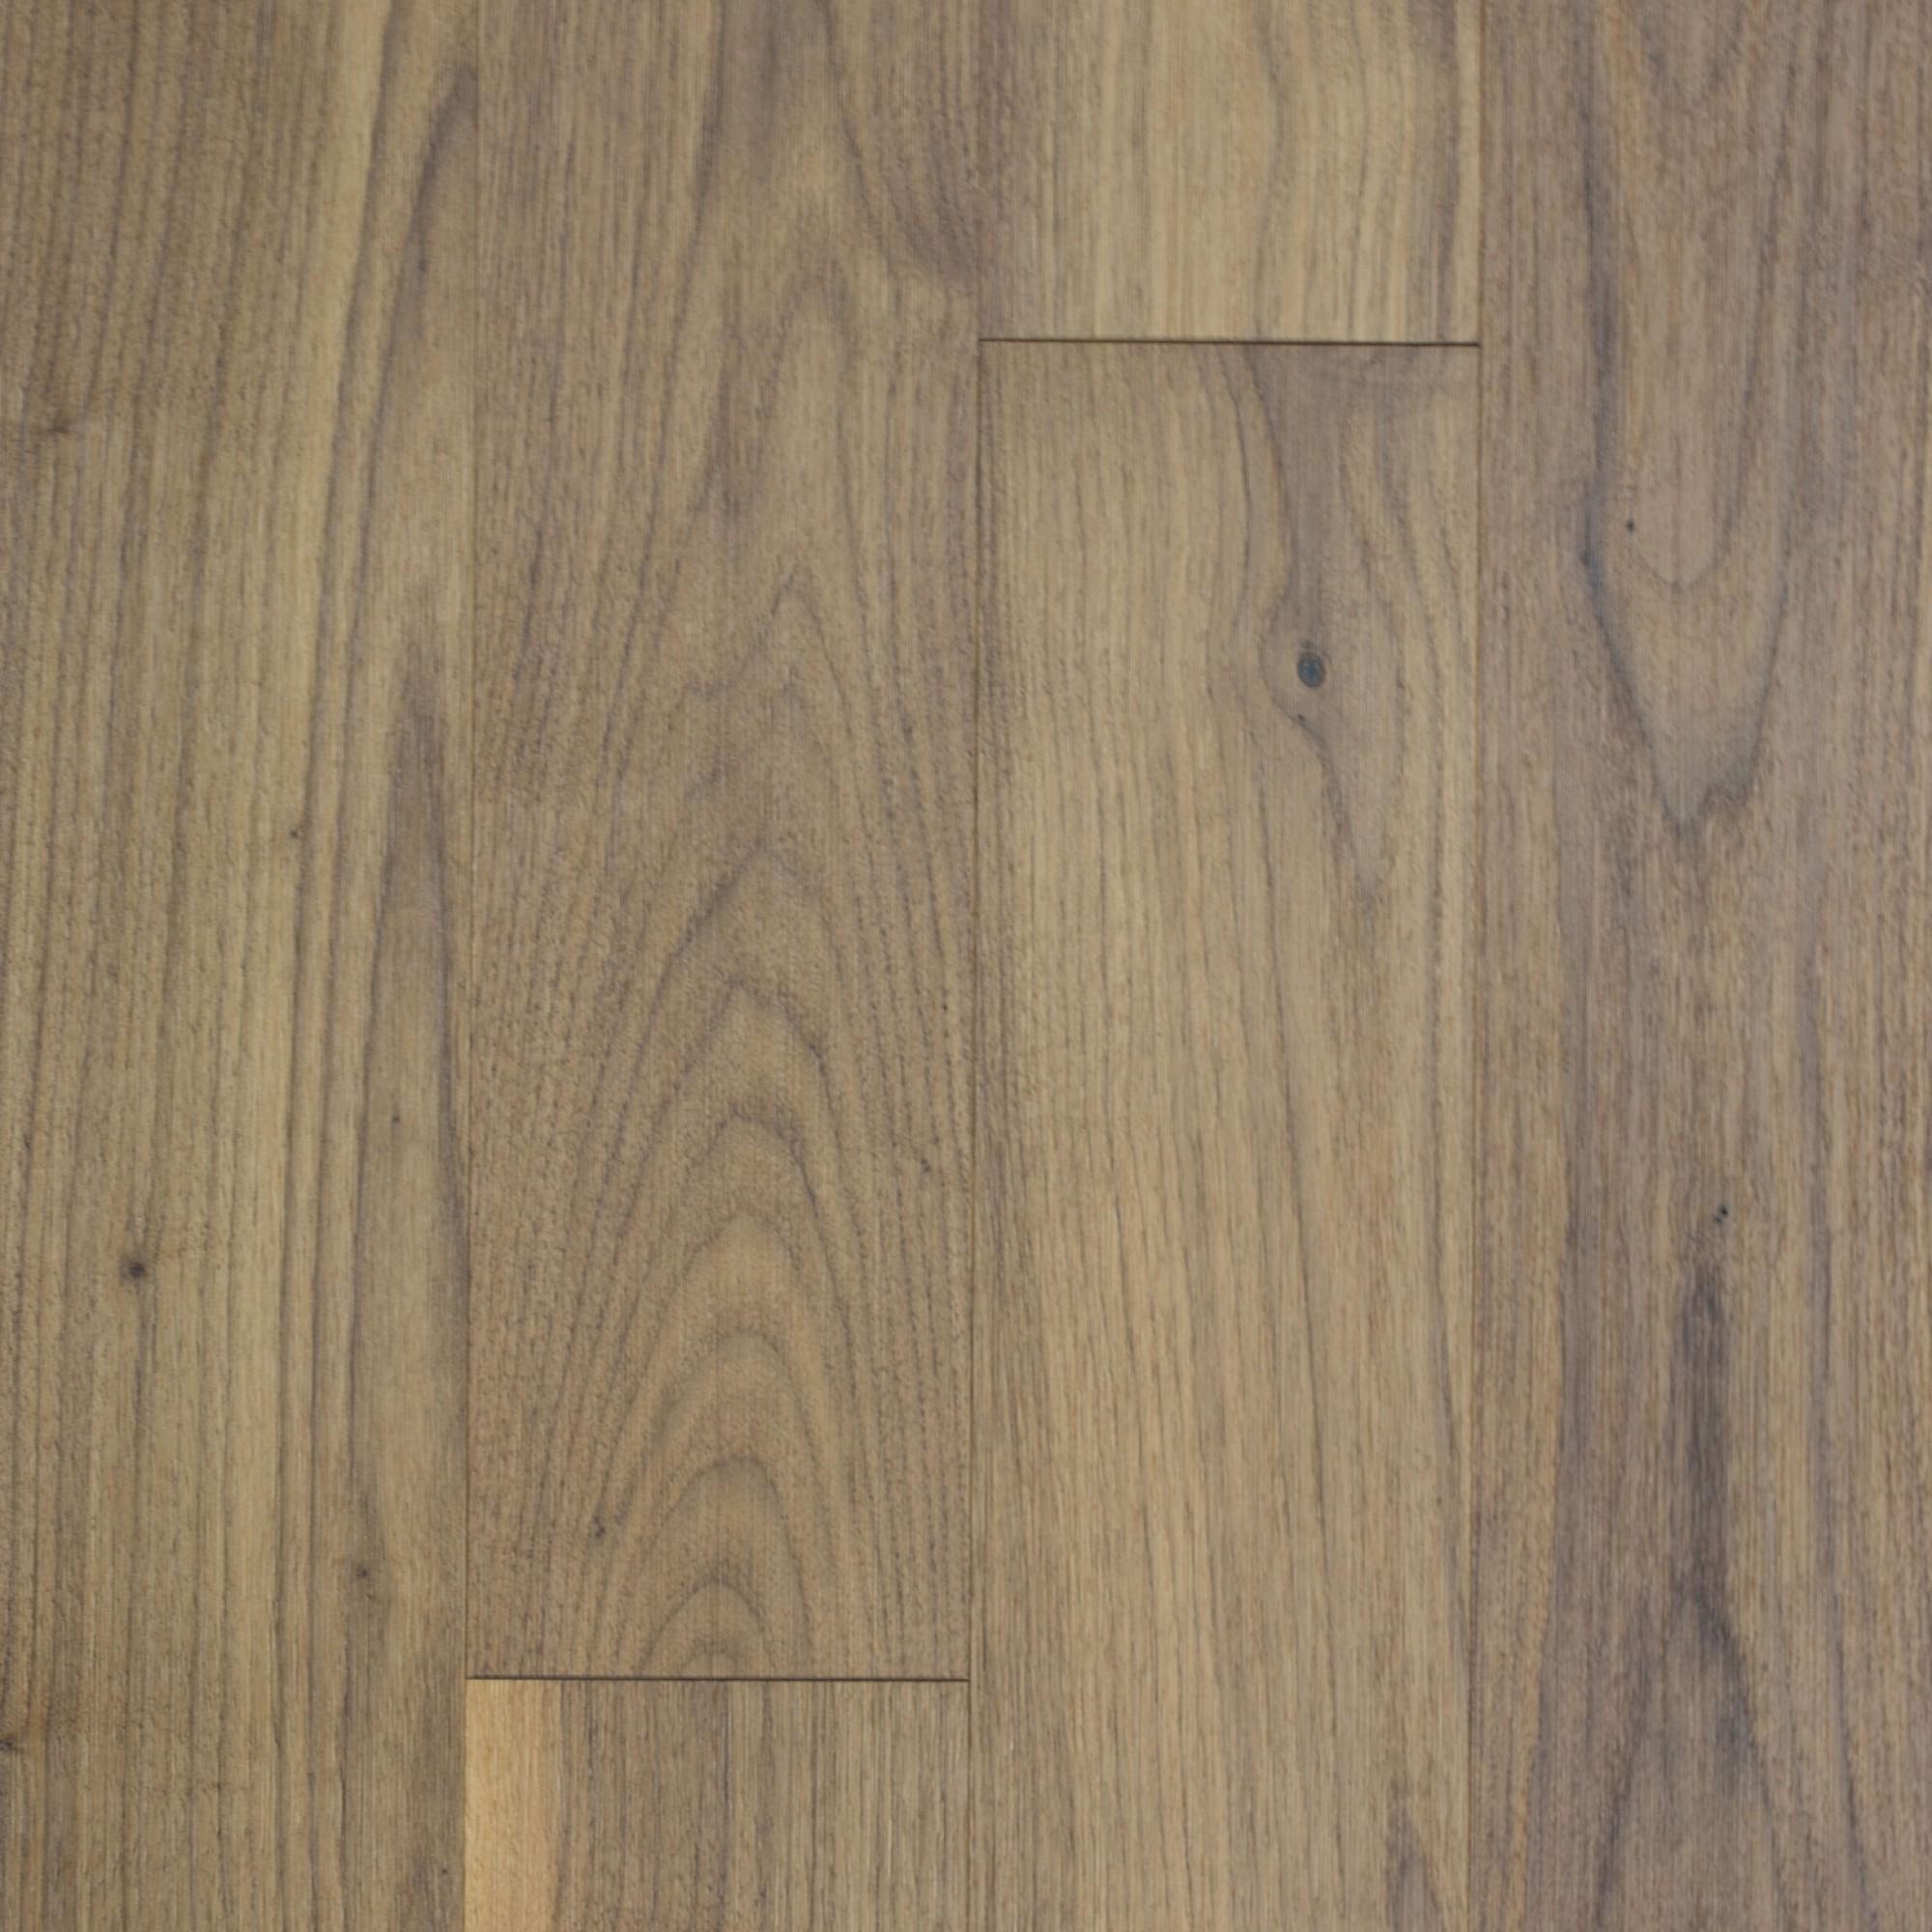 Etched black walnut natural vintage hardwood flooring for Walnut flooring